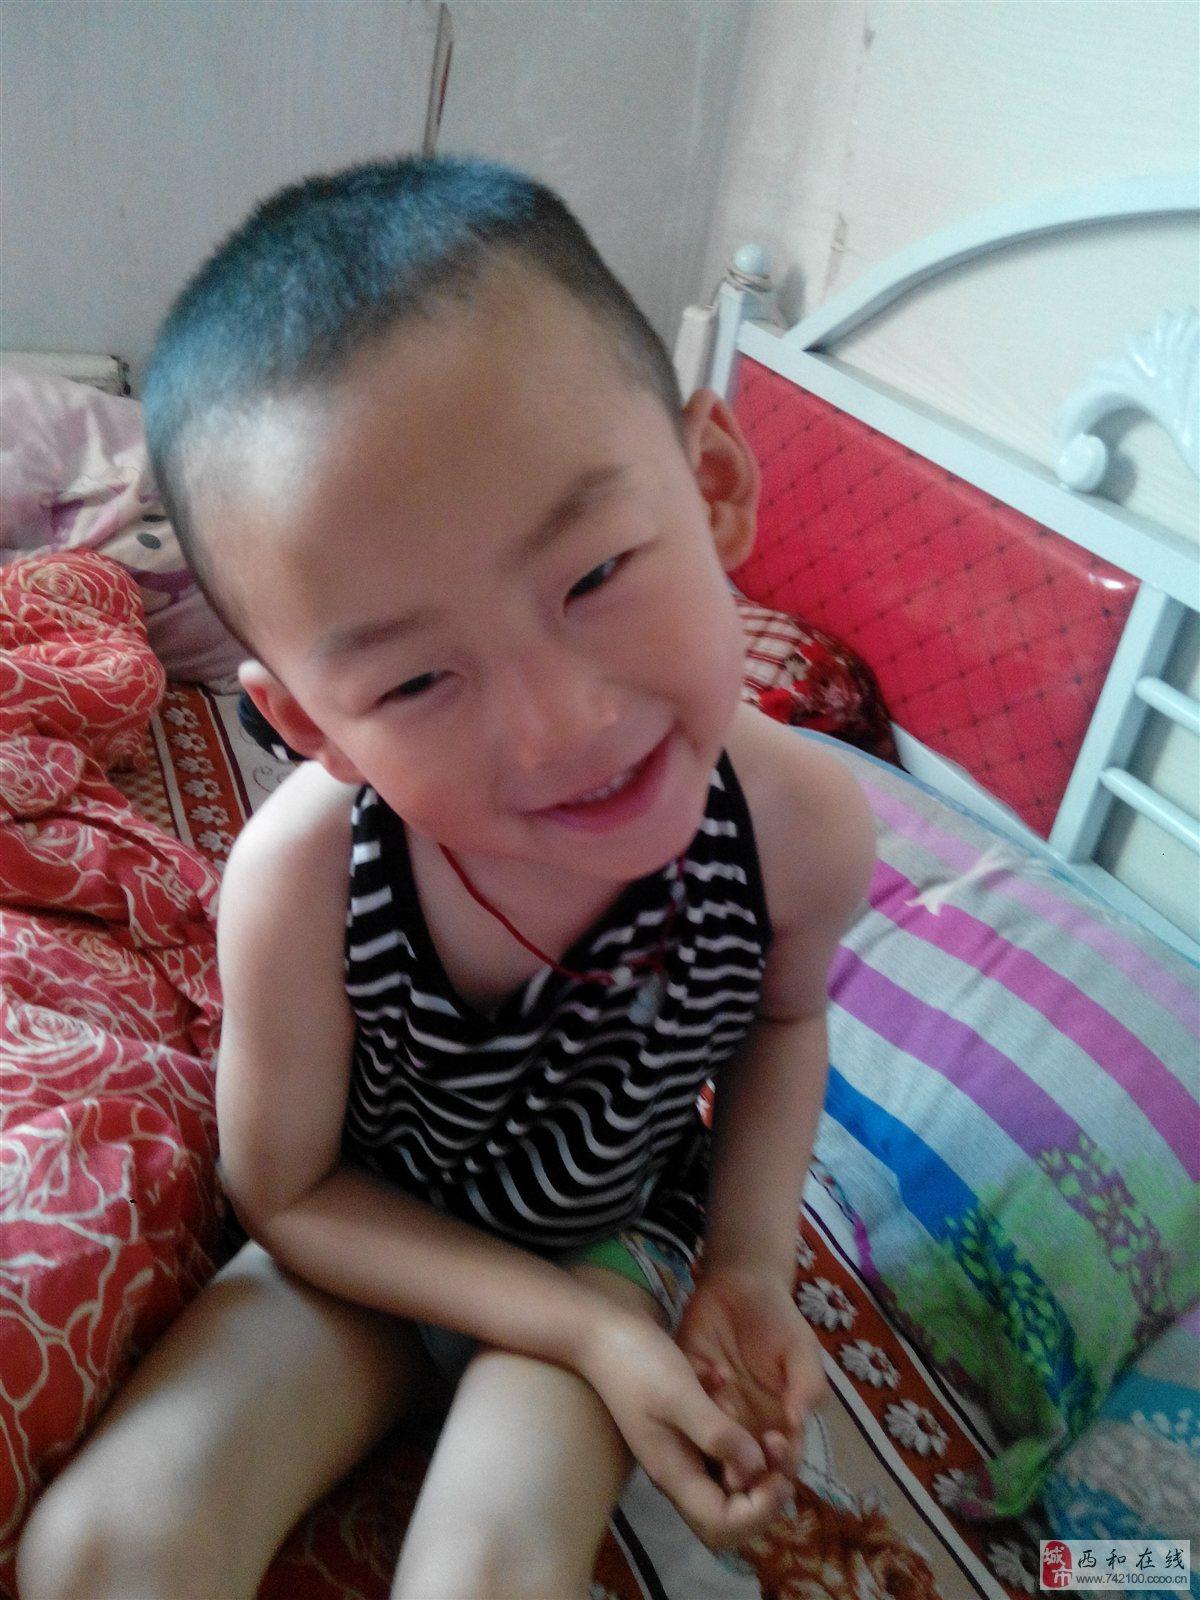 110 宝宝体重(kg):32 宝宝介绍:我是一个可爱又懂事的萌宝宝哦!